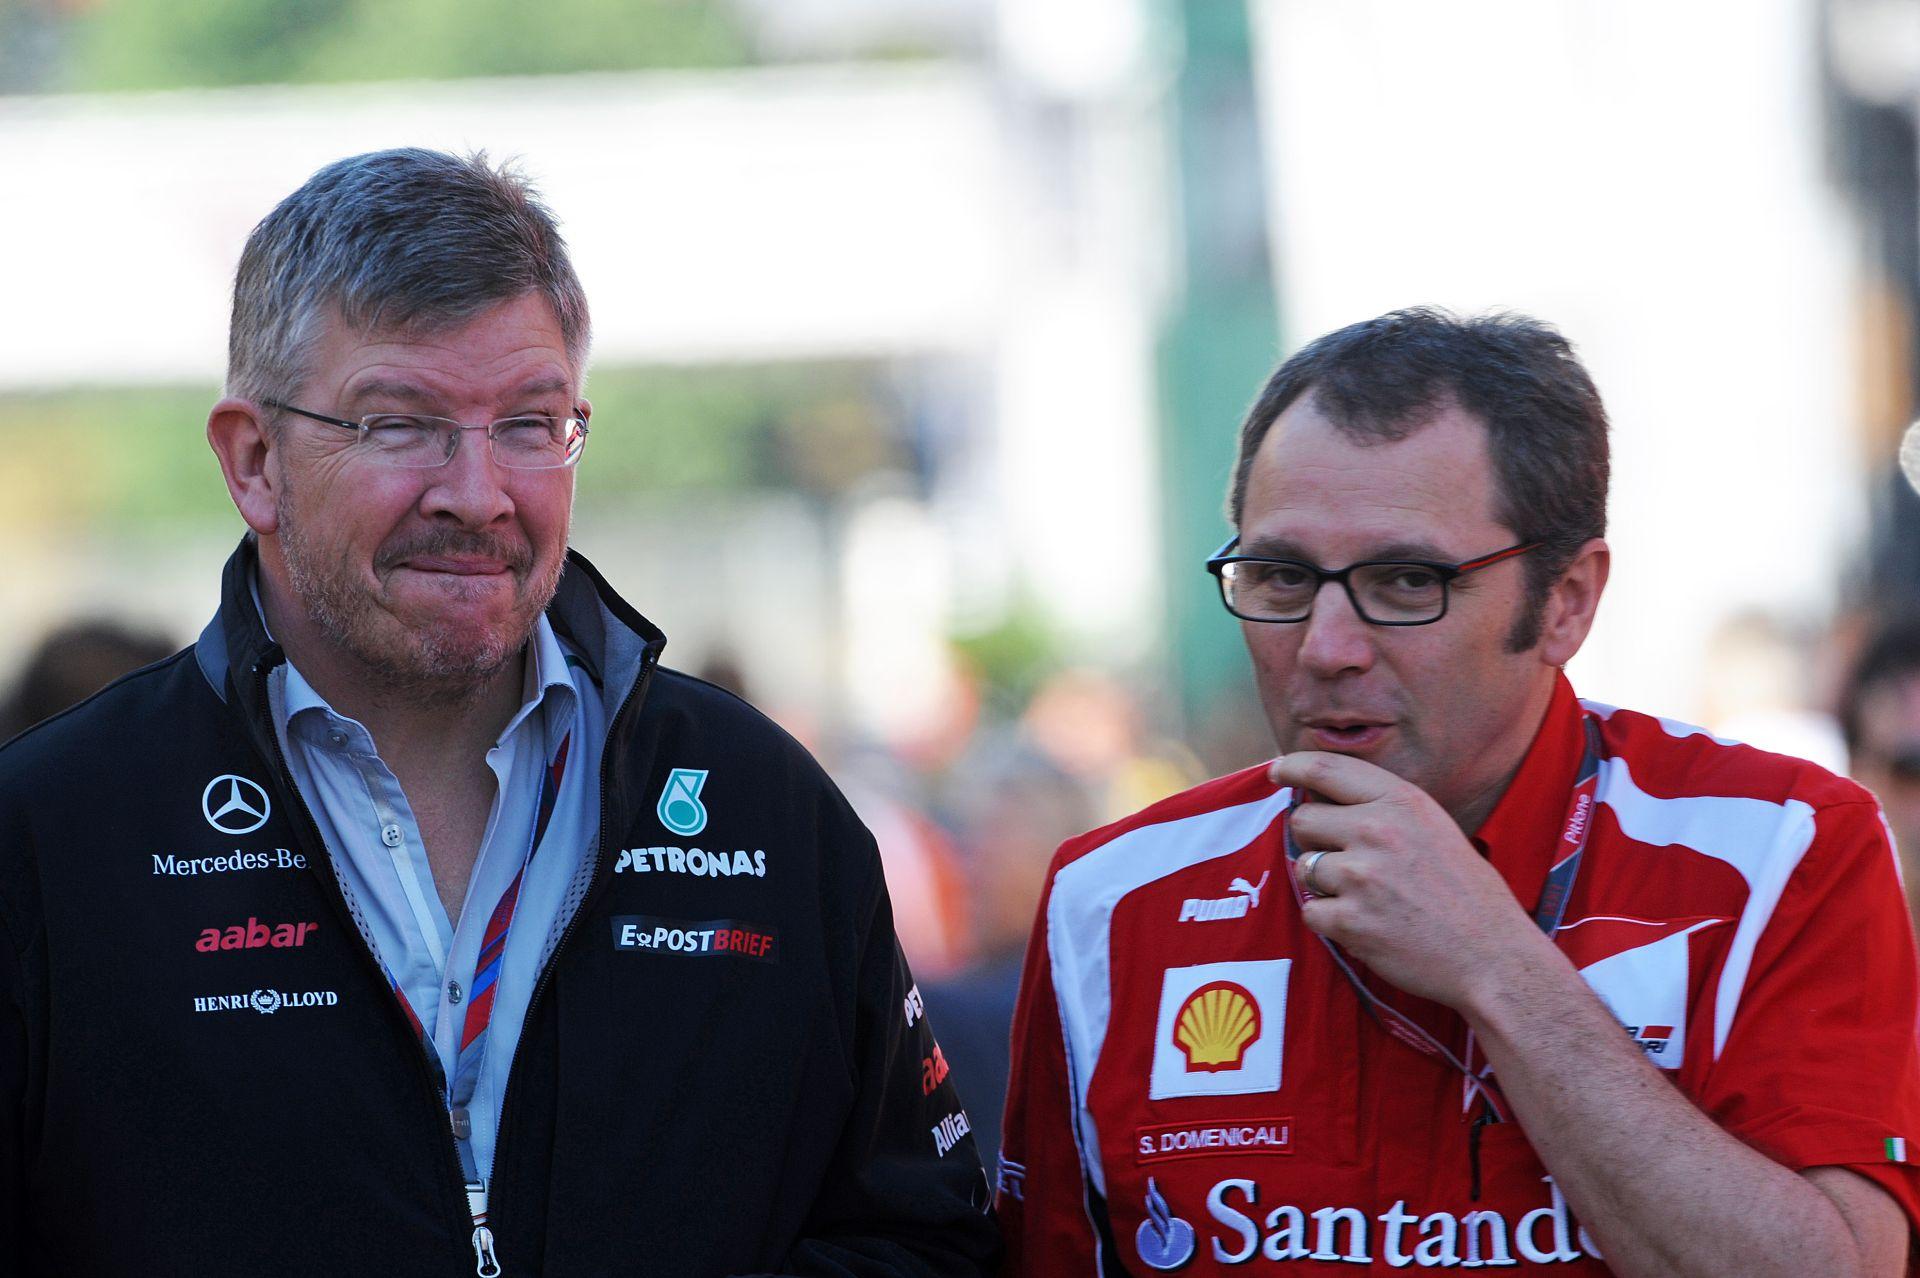 Hivatalos: Brawn és Domenicali is részt vesz Bianchi balesetének felülvizsgálatában